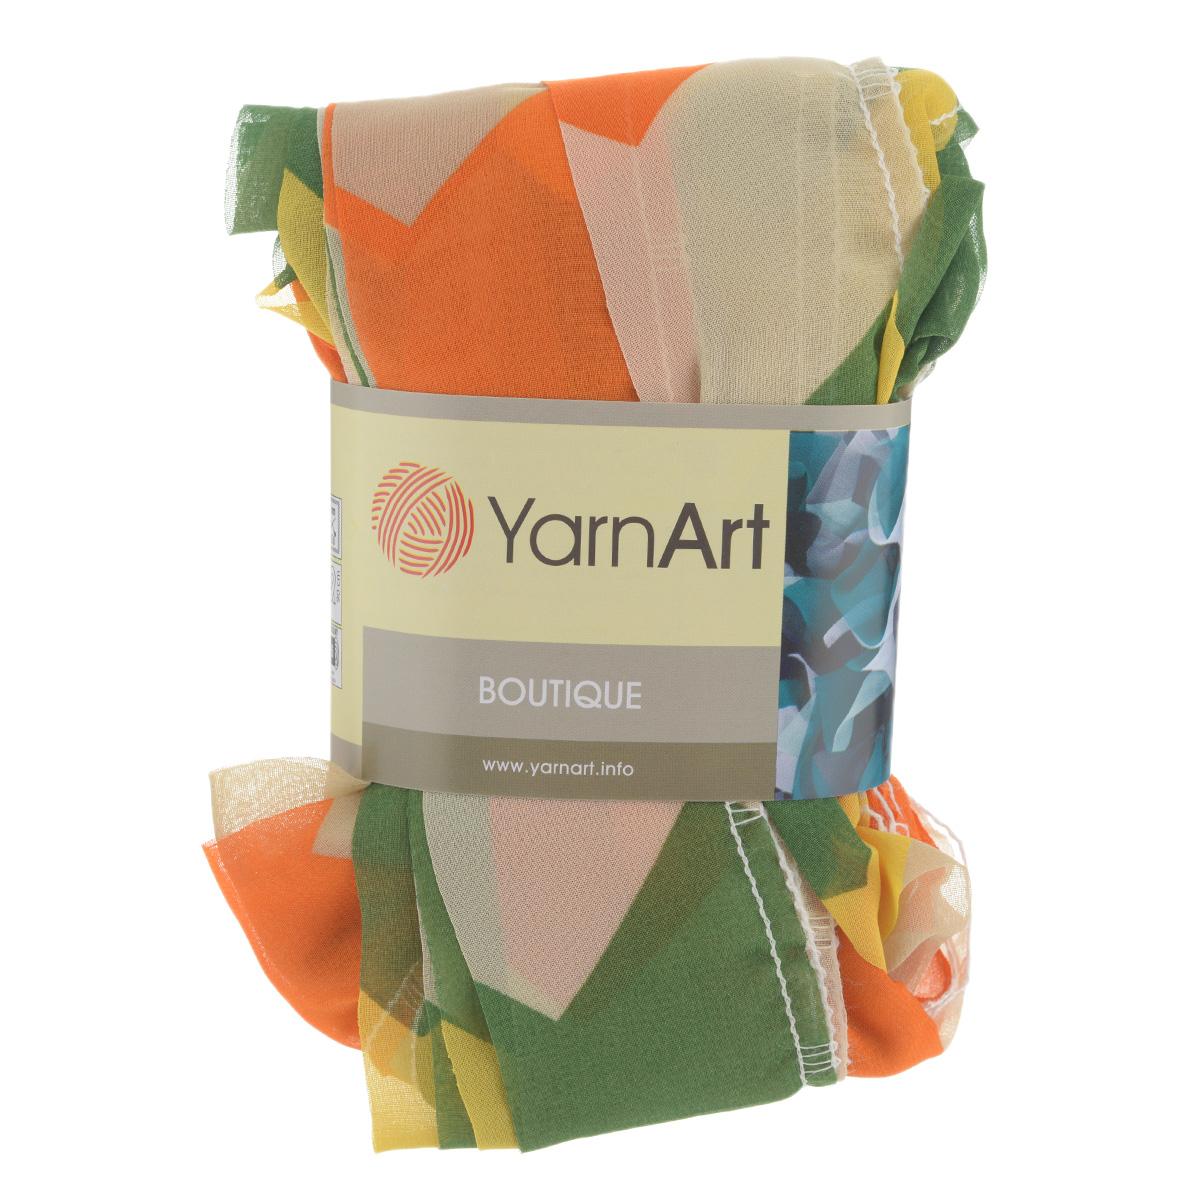 Пряжа для вязания YarnArt Boutiqoe, цвет: бежевый, оранжевый, зеленый (160), 19 м, 50 г, 4 шт694746_160Пряжа YarnArt Boutiqoe - фантазийная ленточная пряжа, состоящая из 95% микро полиэстера и 5% акрила. Представляет из себя широкую ленту с обработанным краем с одной стороны. Прекрасно подойдет для вязания шарфов, аксессуаров, а также для отделки изделий. Стирать при температуре 40°С. Рекомендованные для вязания спицы 5 мм. Состав: 95% микро полиэстер, 5% акрил.